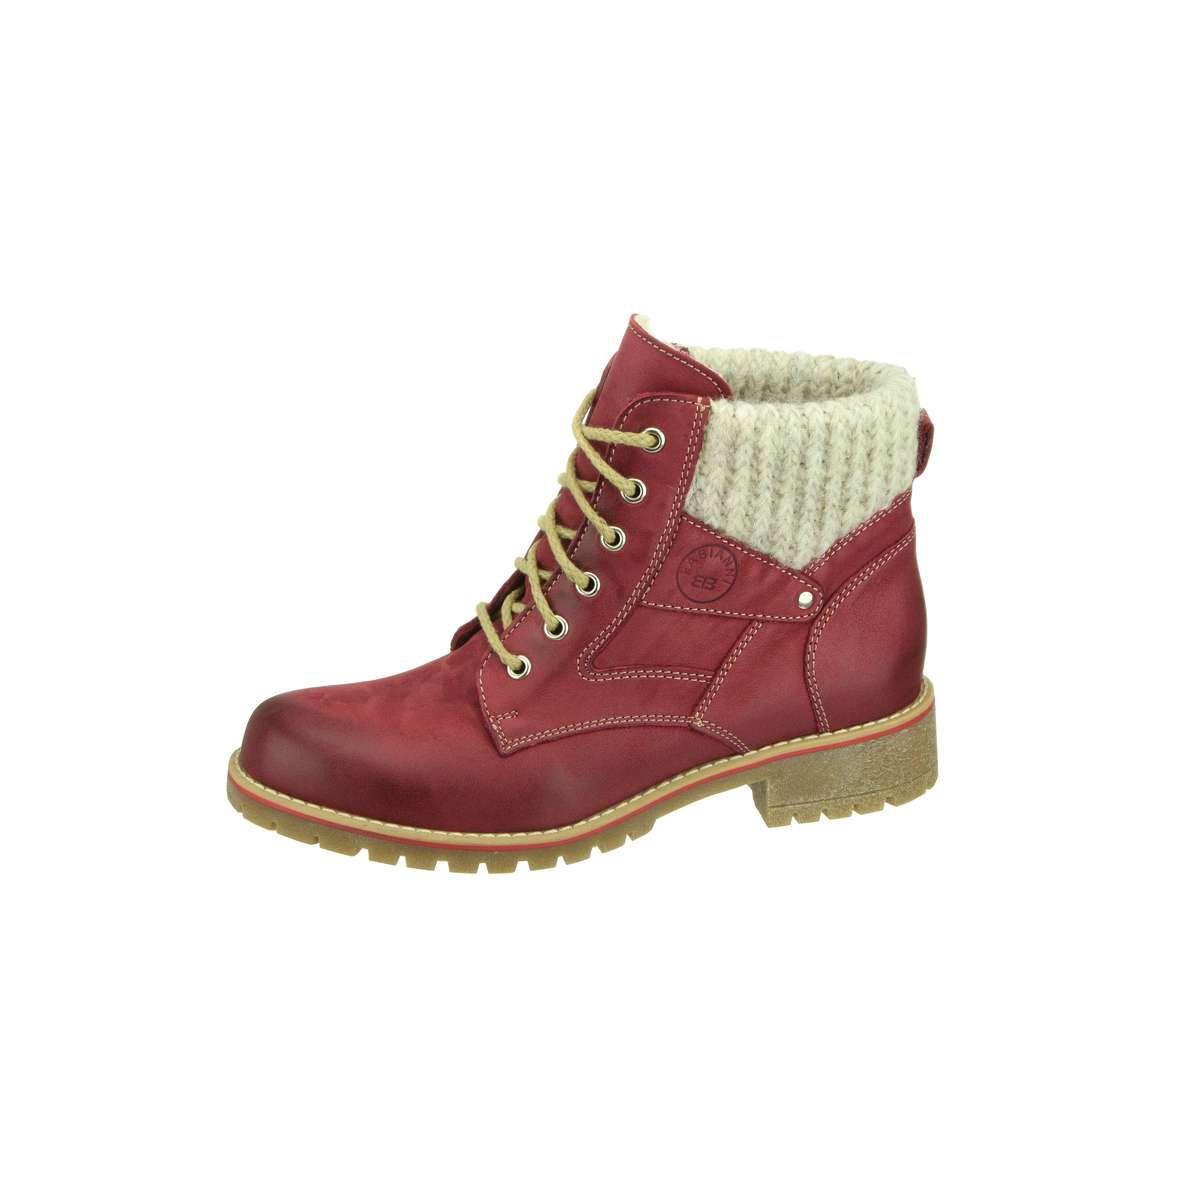 217a68a835dc2 Dámská obuv | PEON - vyrobeno pro zdraví a pohodlí vašich nohou